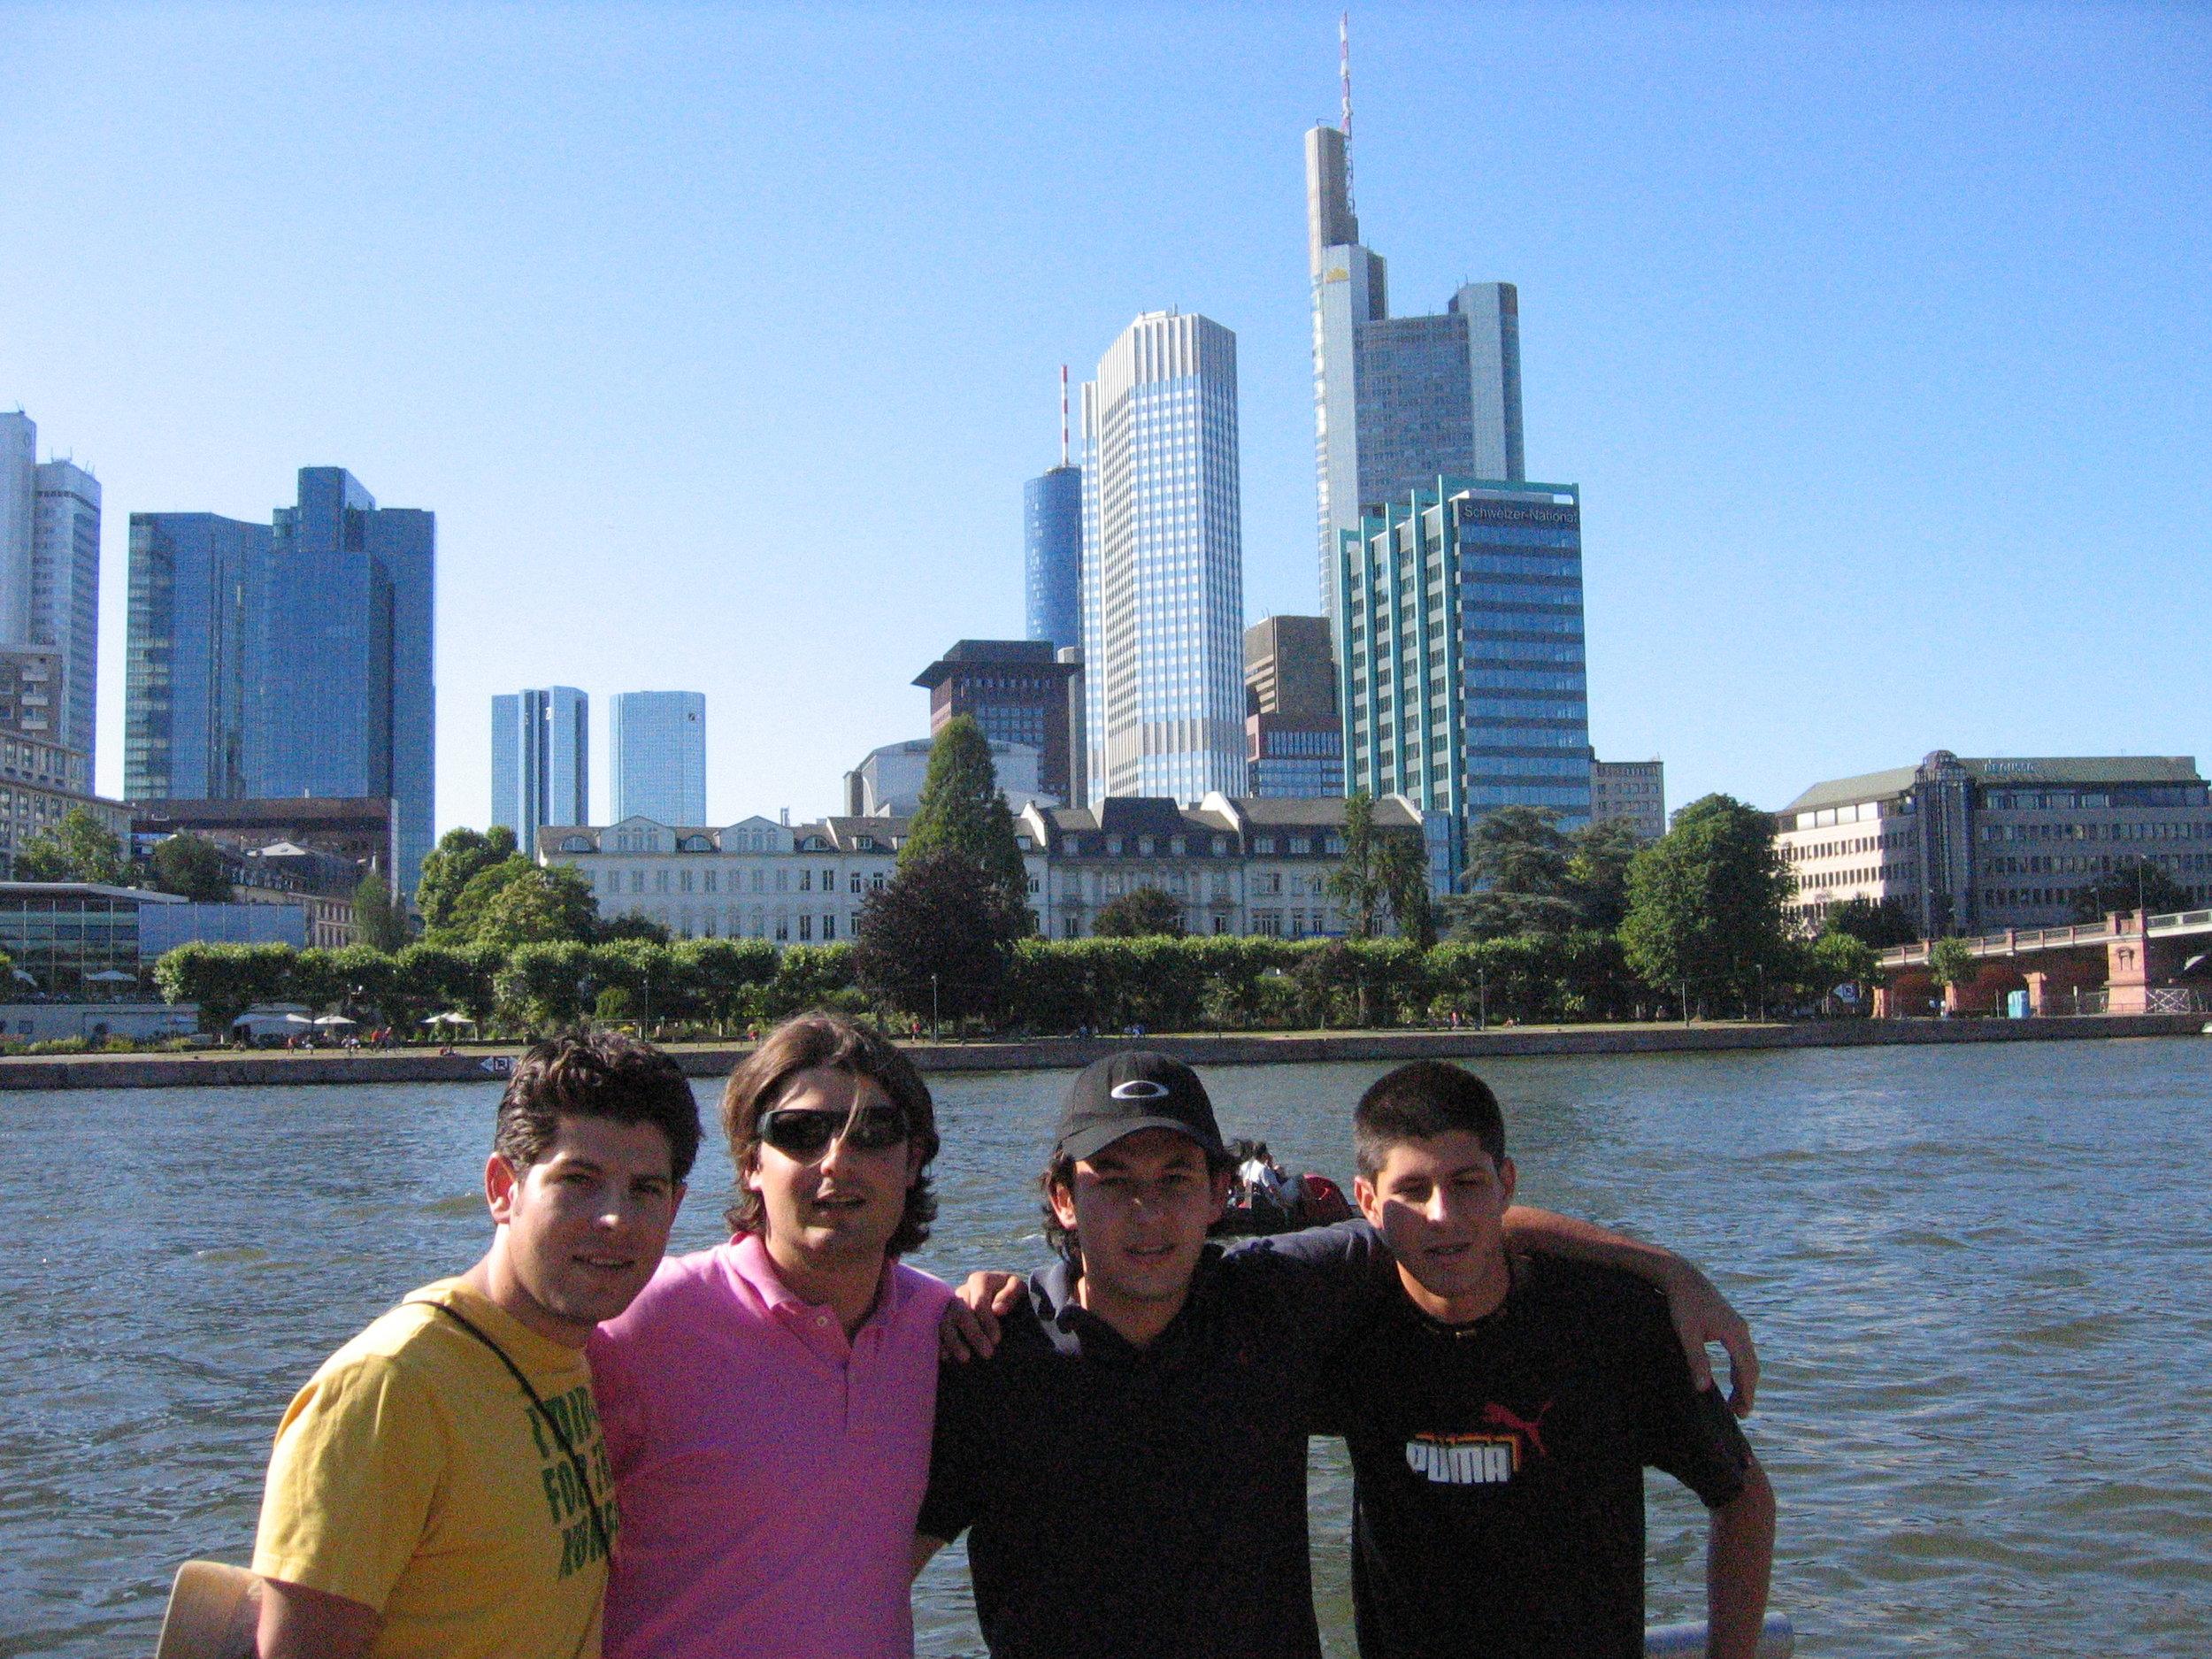 frankfurt-mainz (8).JPG